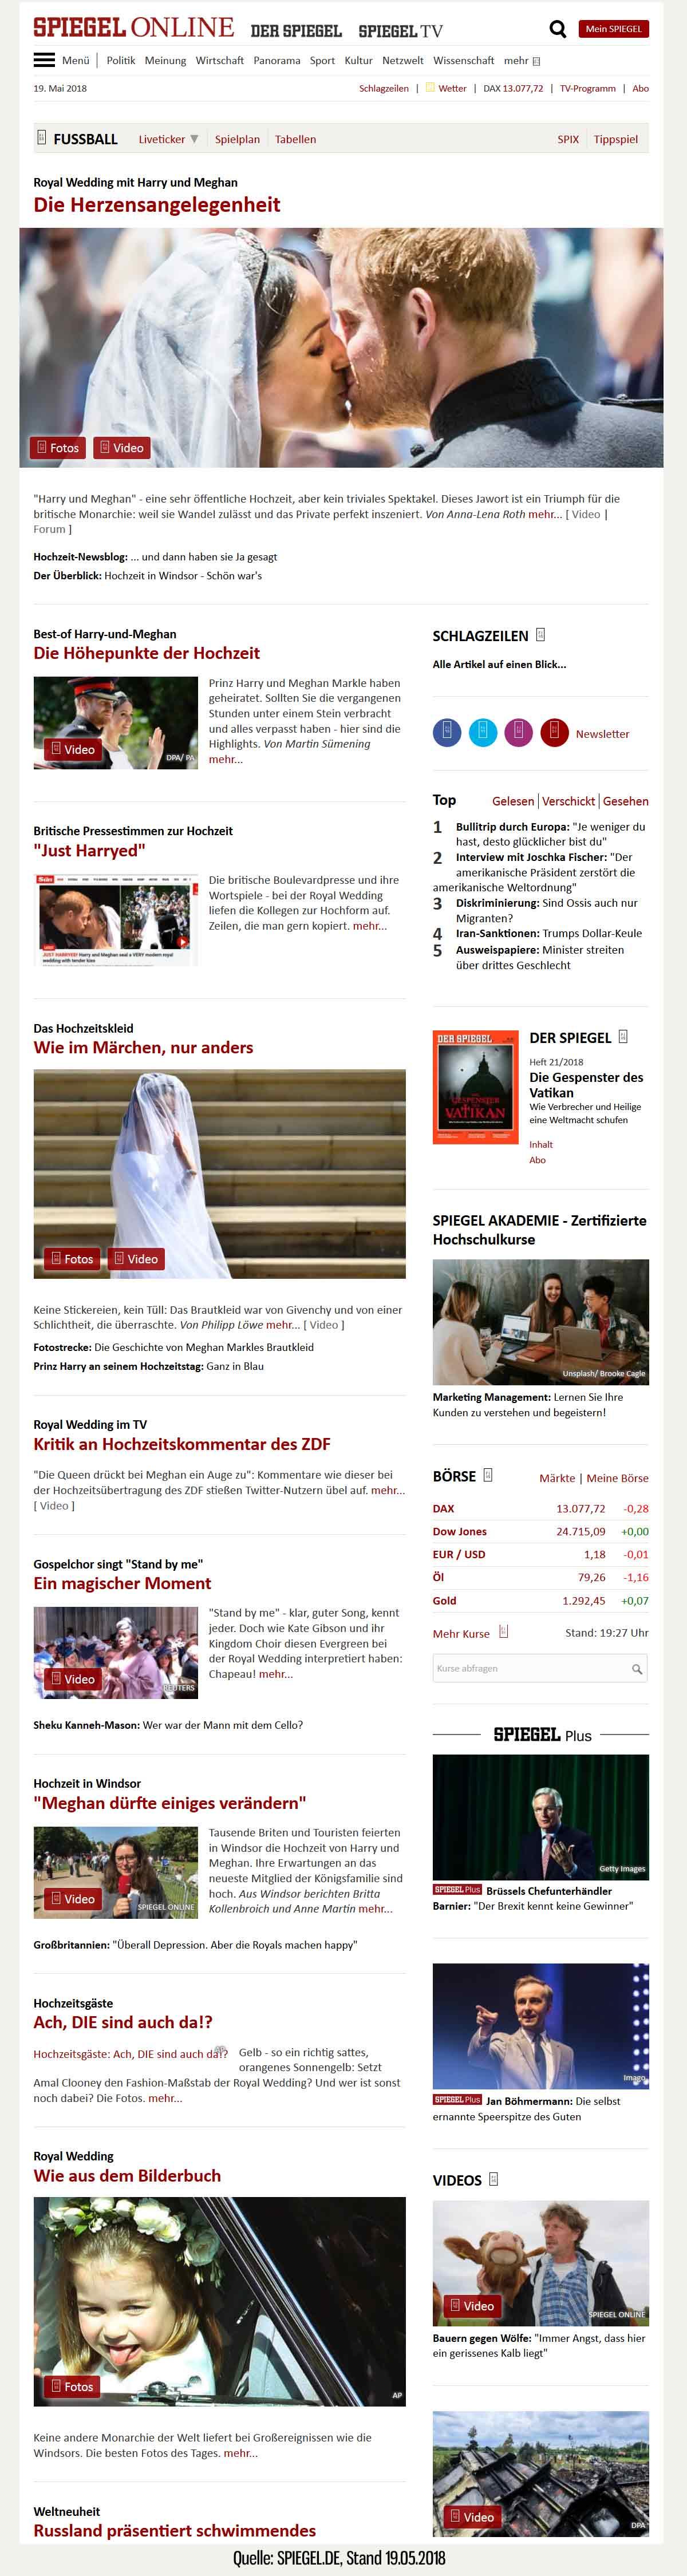 Spiegel.de am 19.05.2018